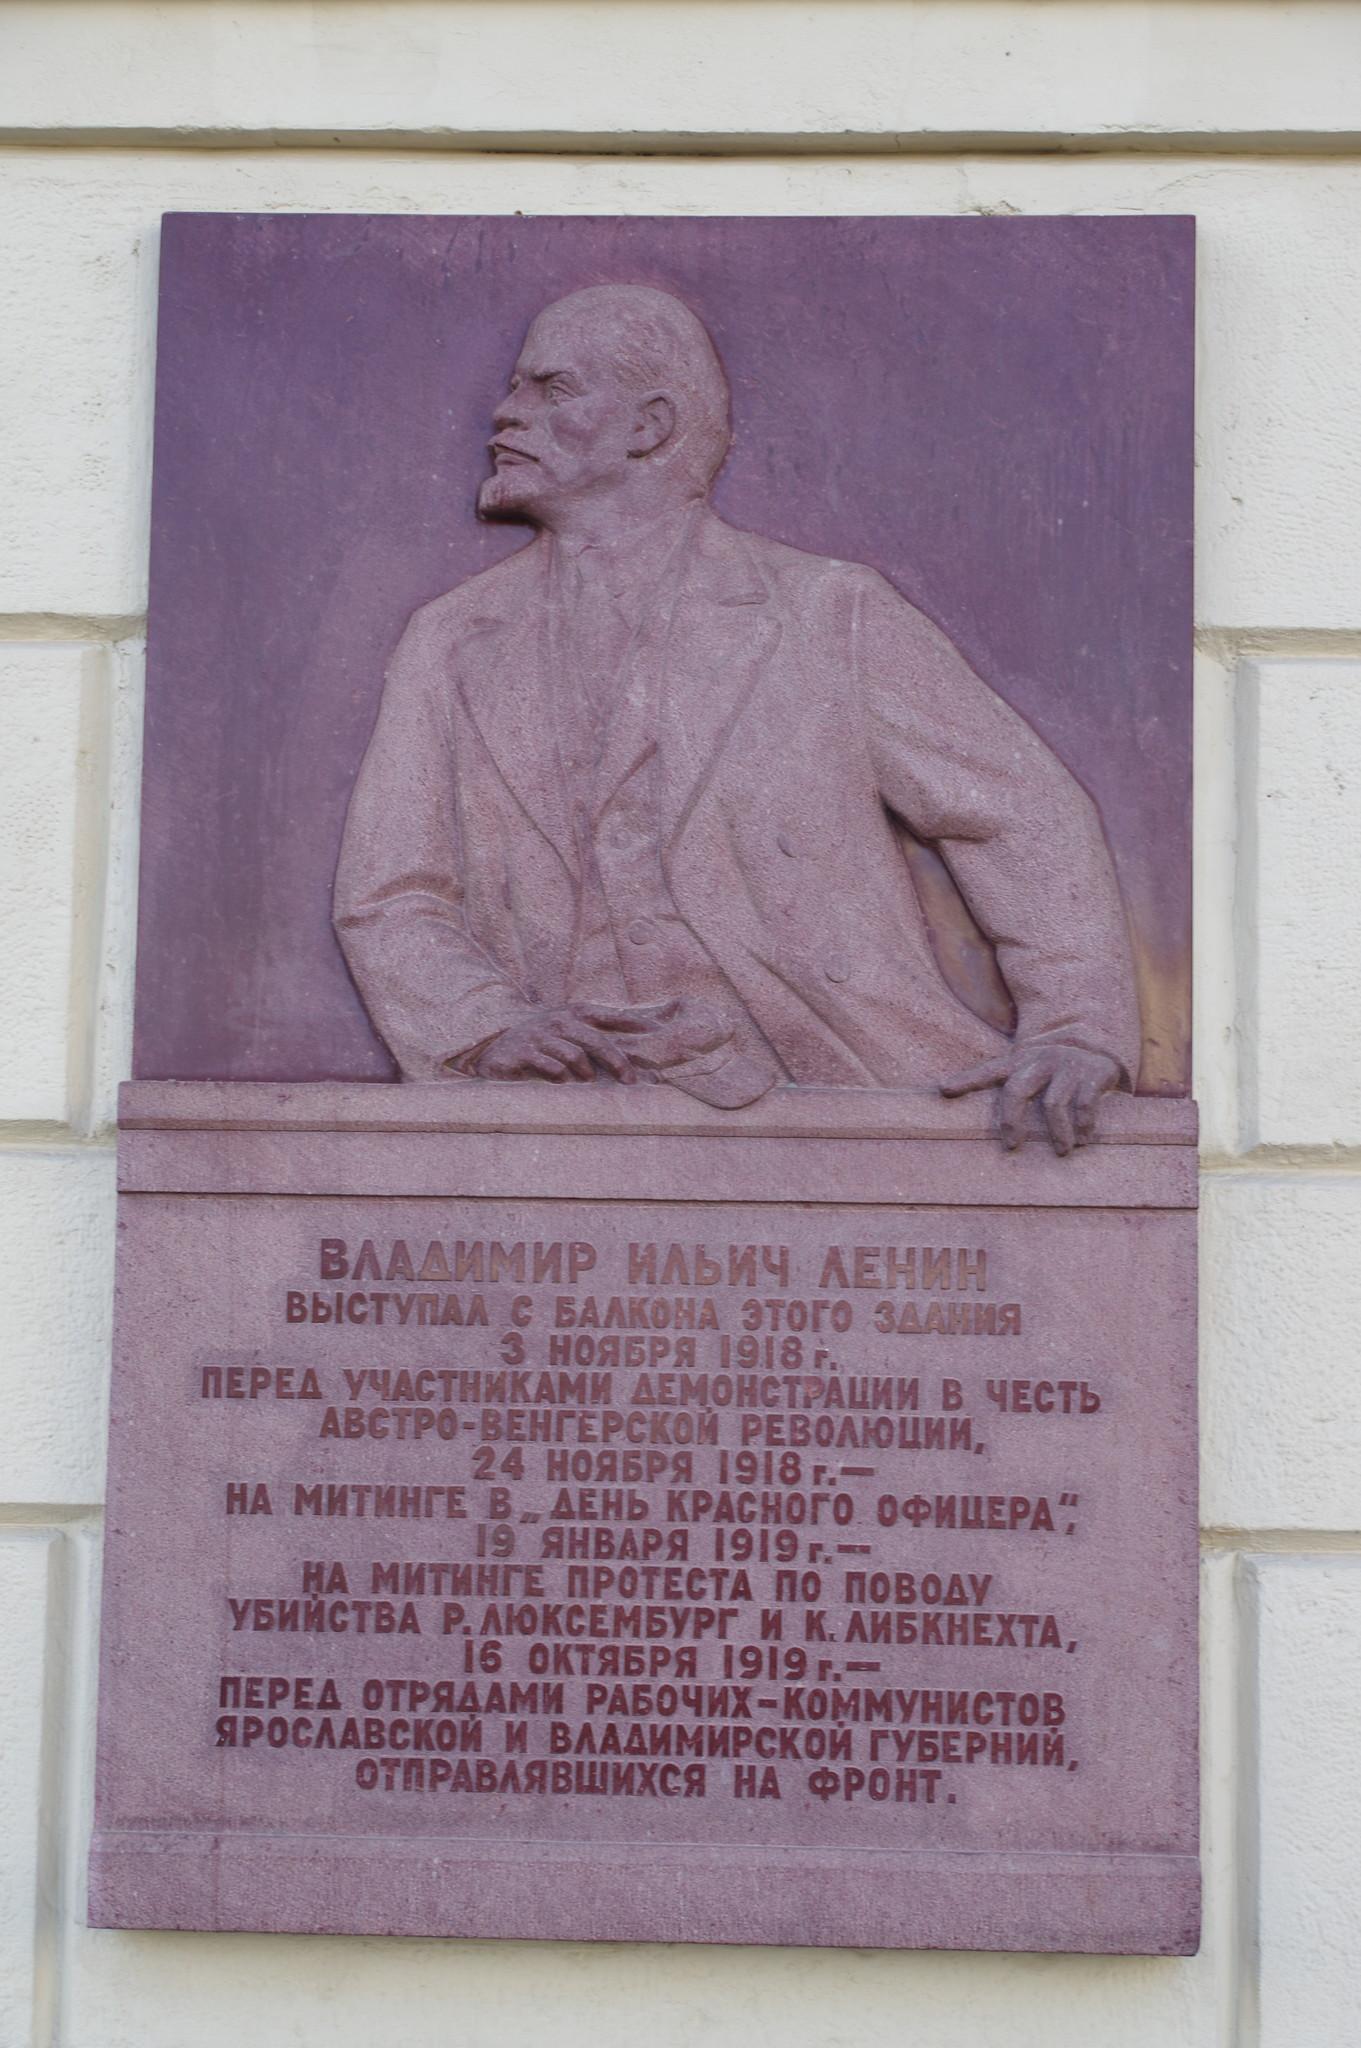 3 и 24 ноября 1918 года, 19 января и 16 октября 1919 года Владимир Ильич Ленин выступал с балкона этого здания (Тверская улица, дом 13)